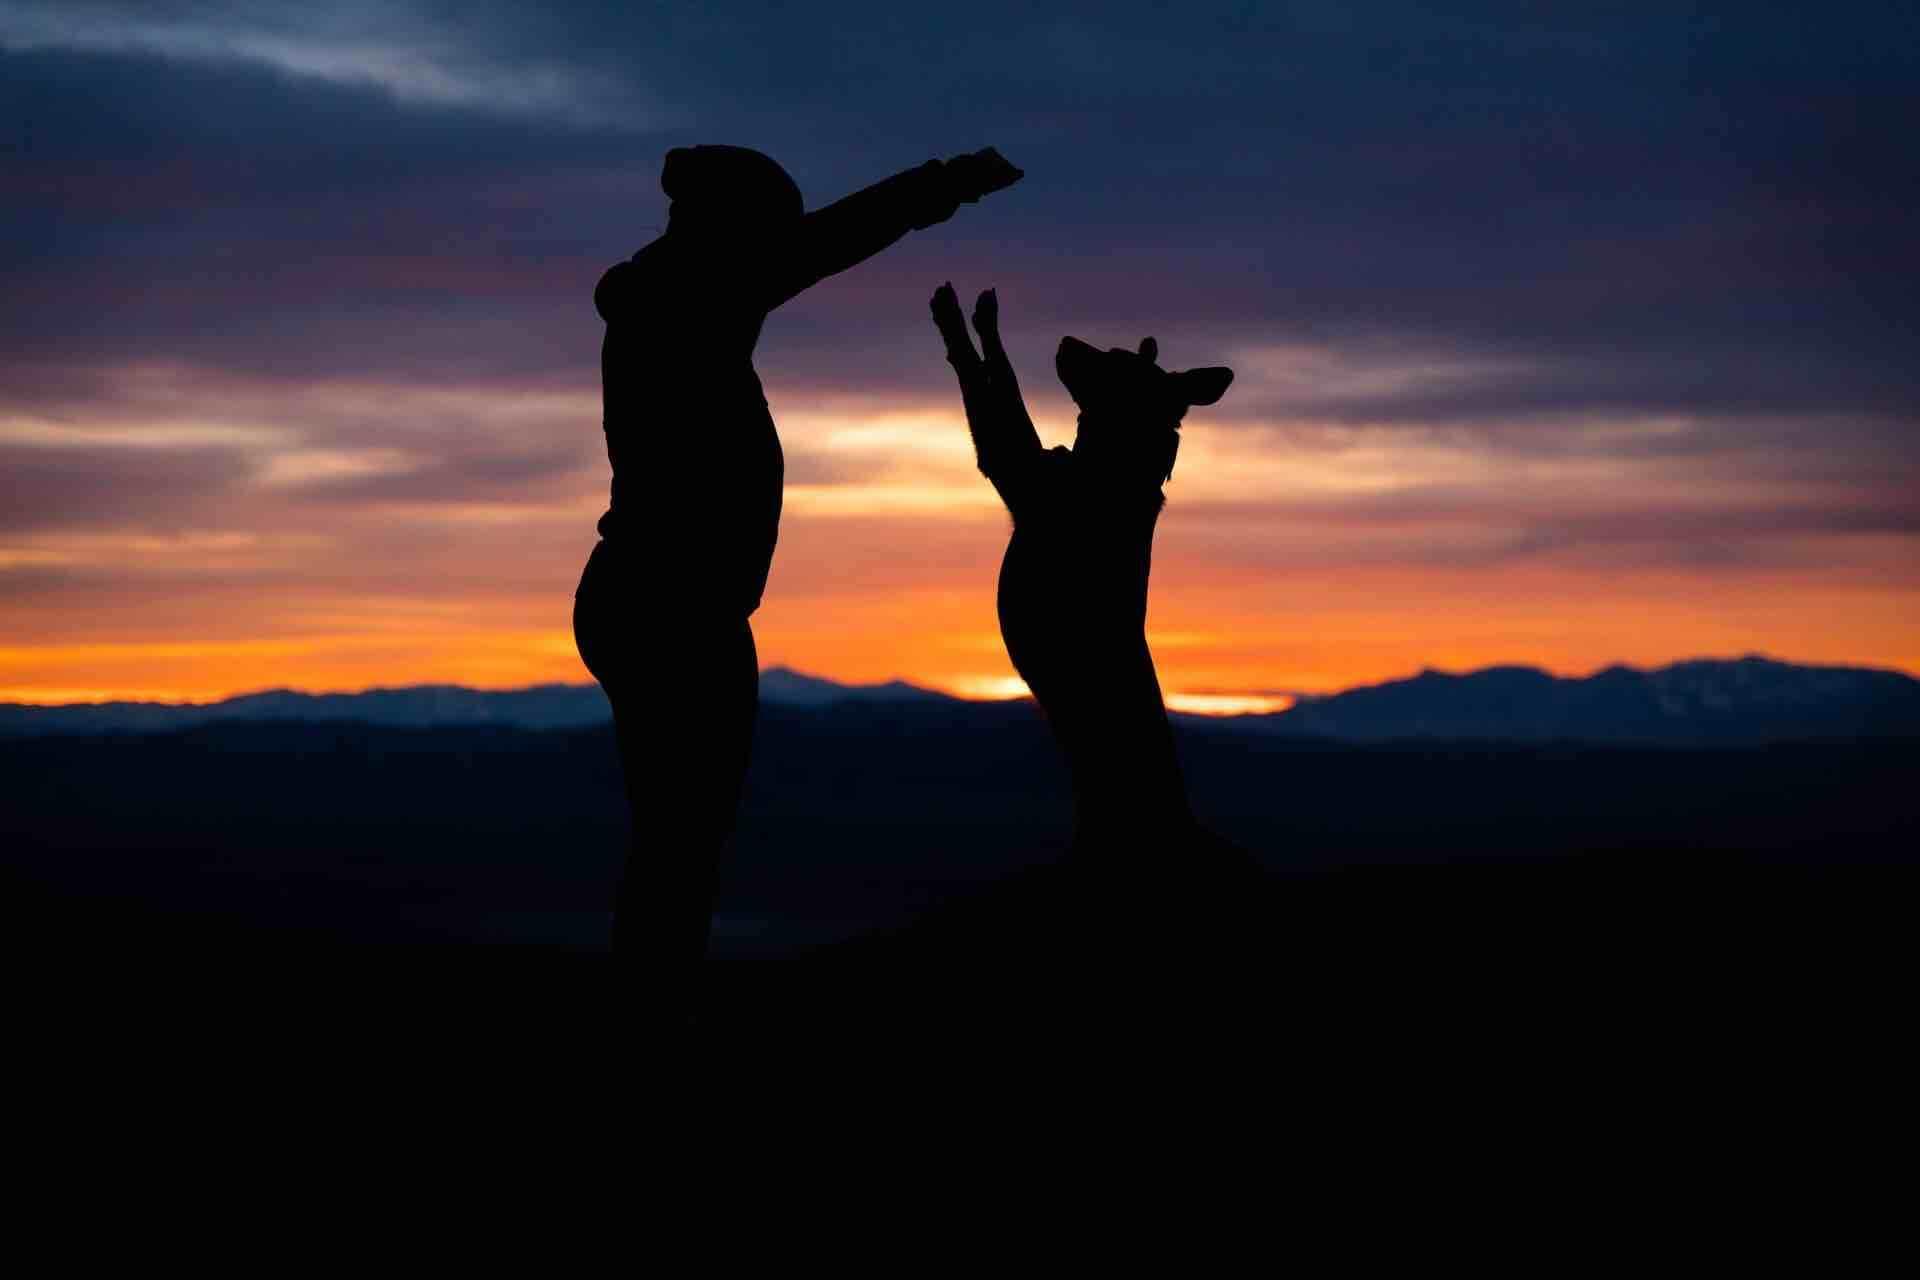 homme chien coucher de soleil complicité animal